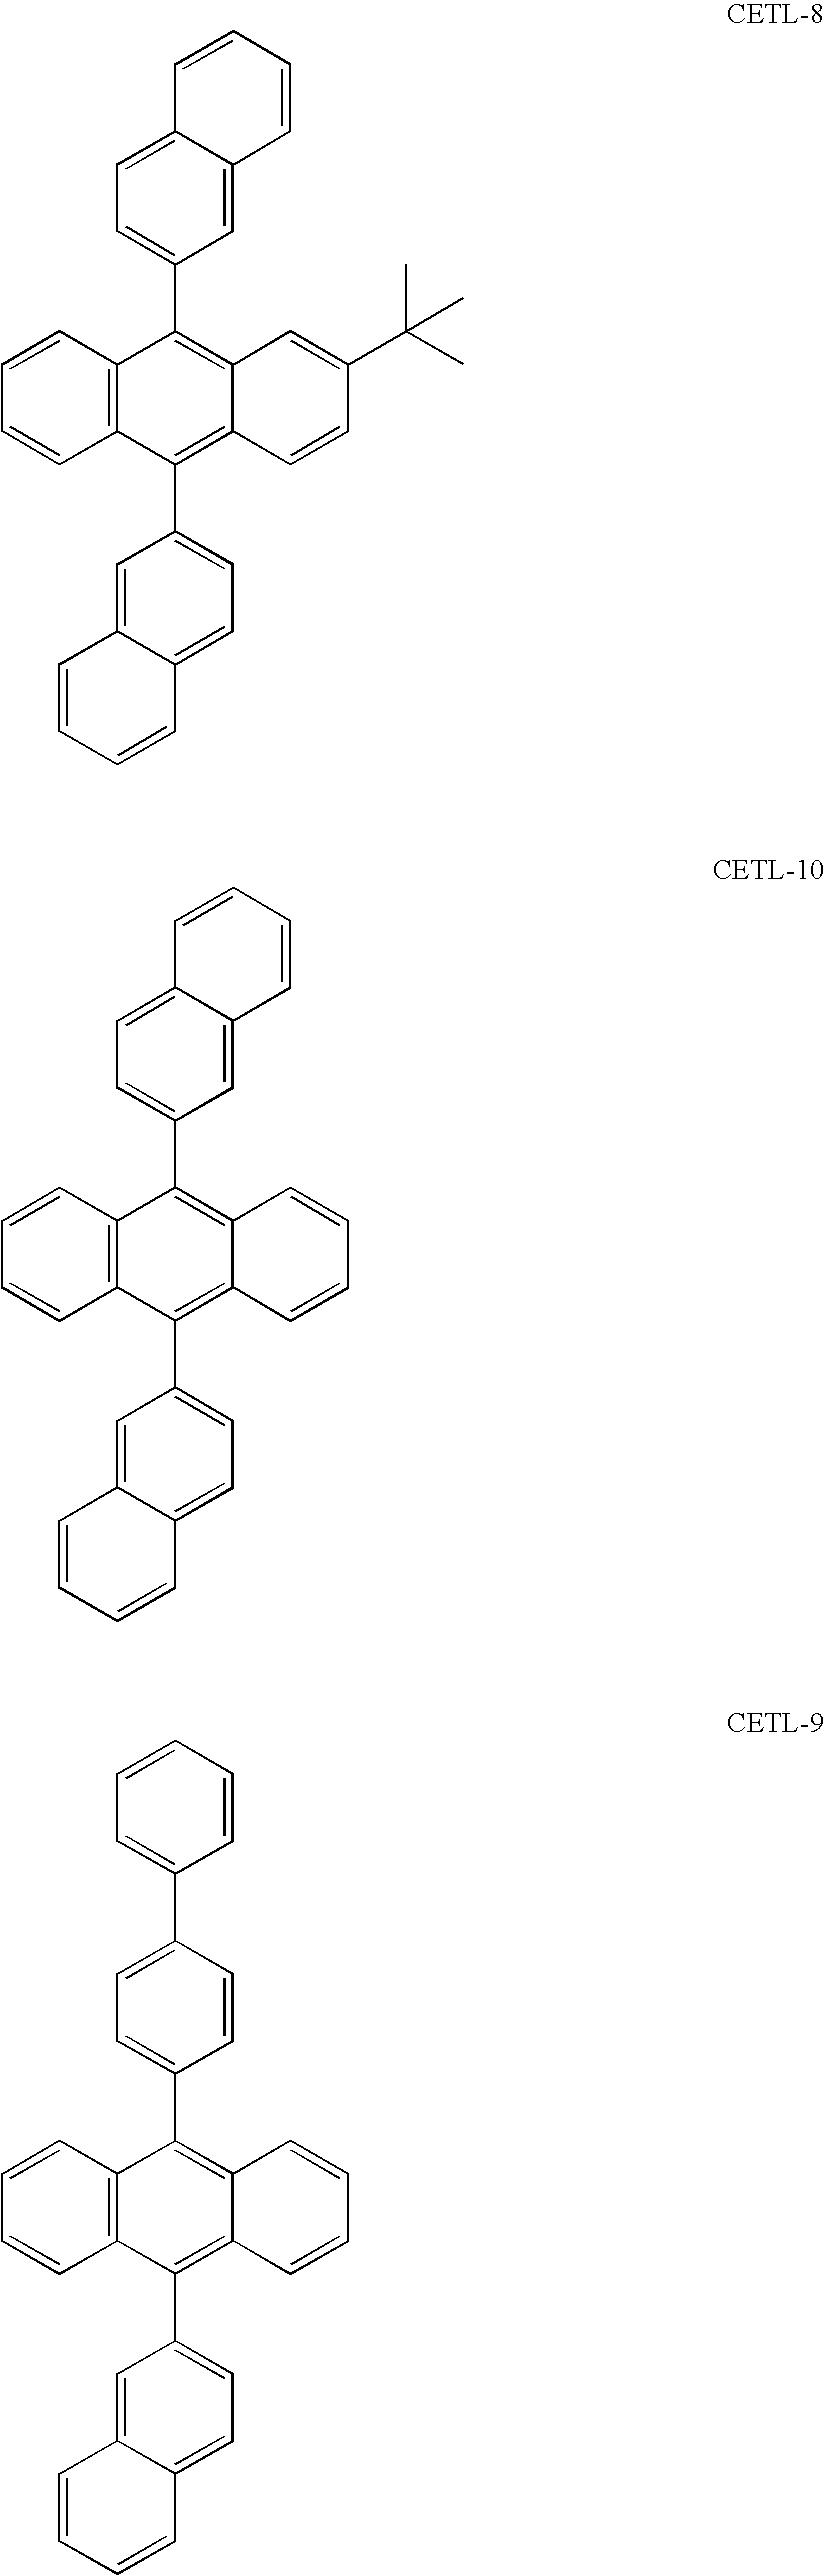 Figure US20090162612A1-20090625-C00043